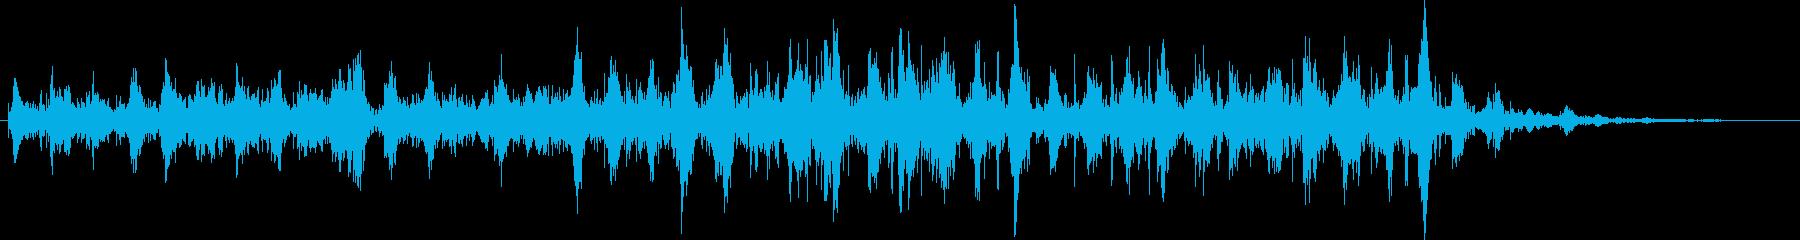 ブクブク…(液体・ドロドロイメージ)の再生済みの波形